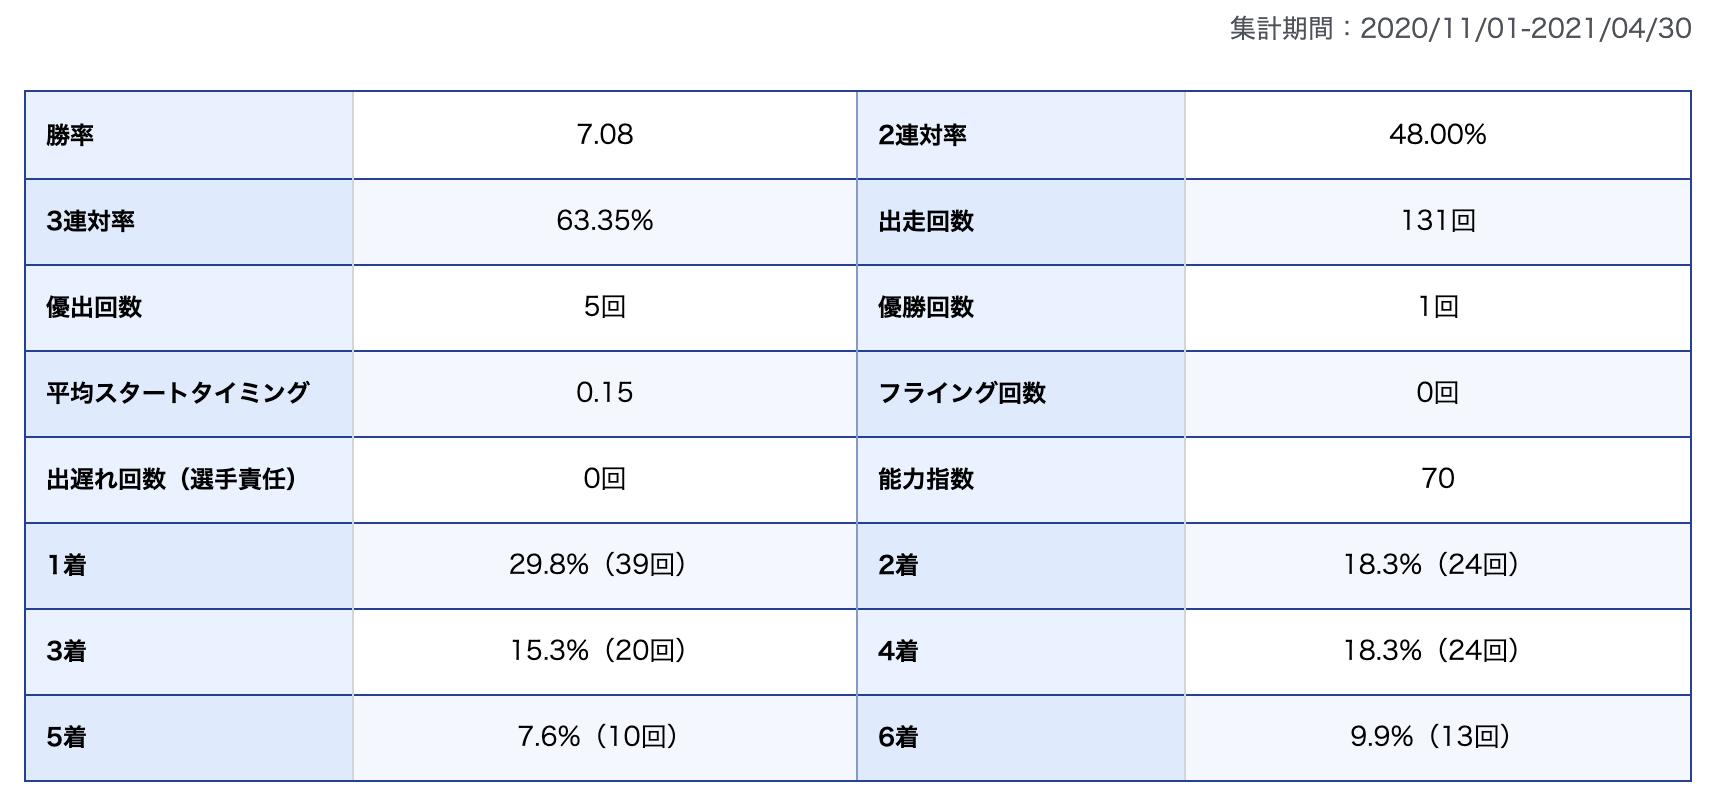 太田和美選手期別成績